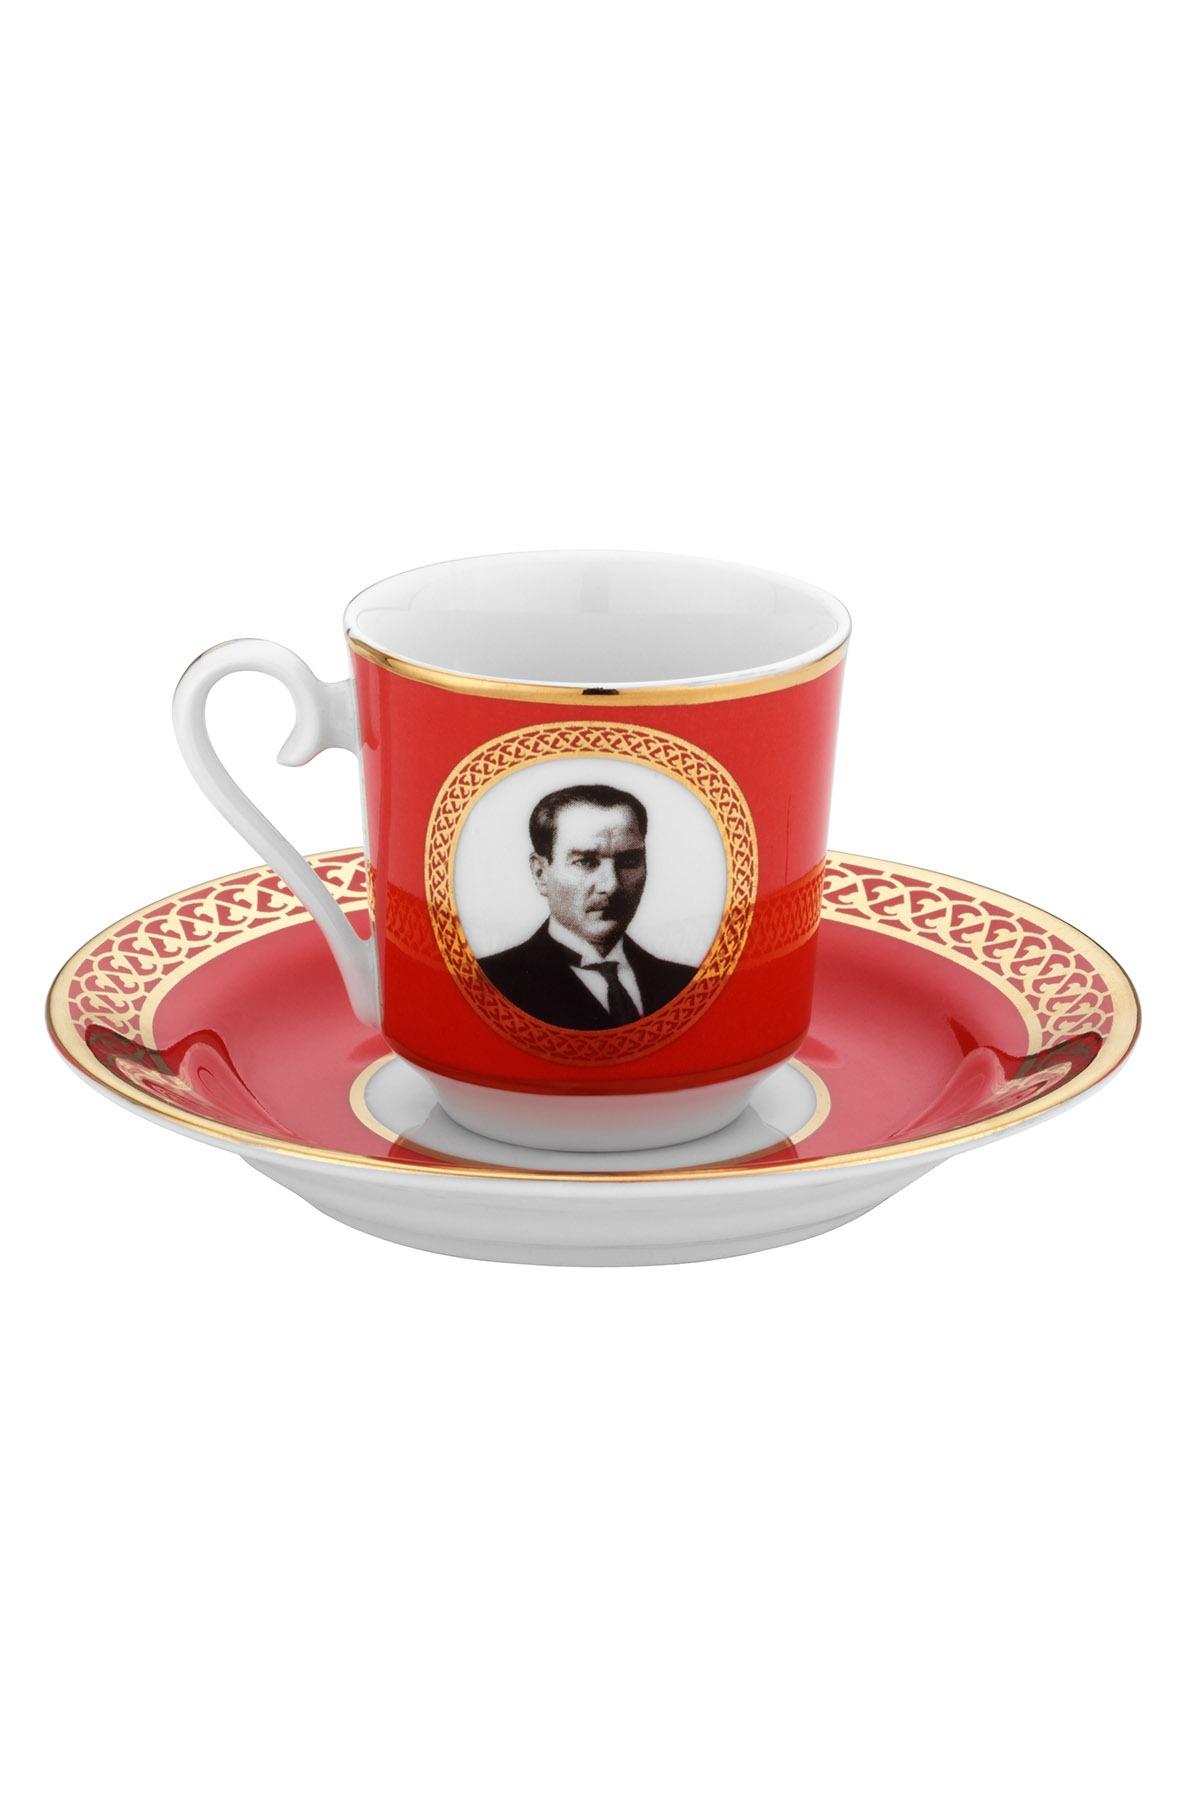 Kütahya Porselen - Kütahya Porselen Atatürk Kırmızı Kahve Takımı